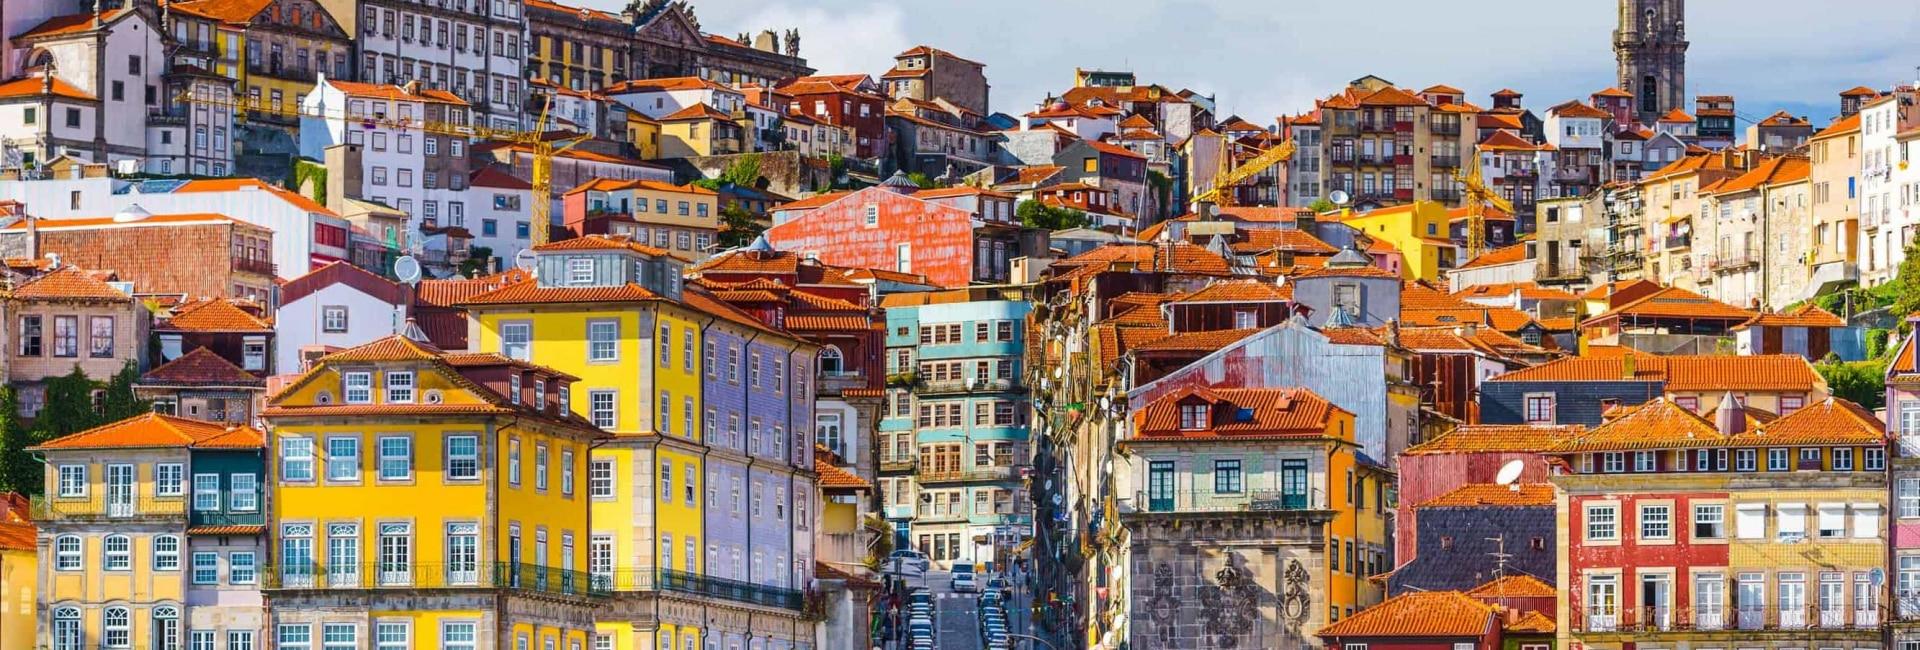 Portos farverige huse